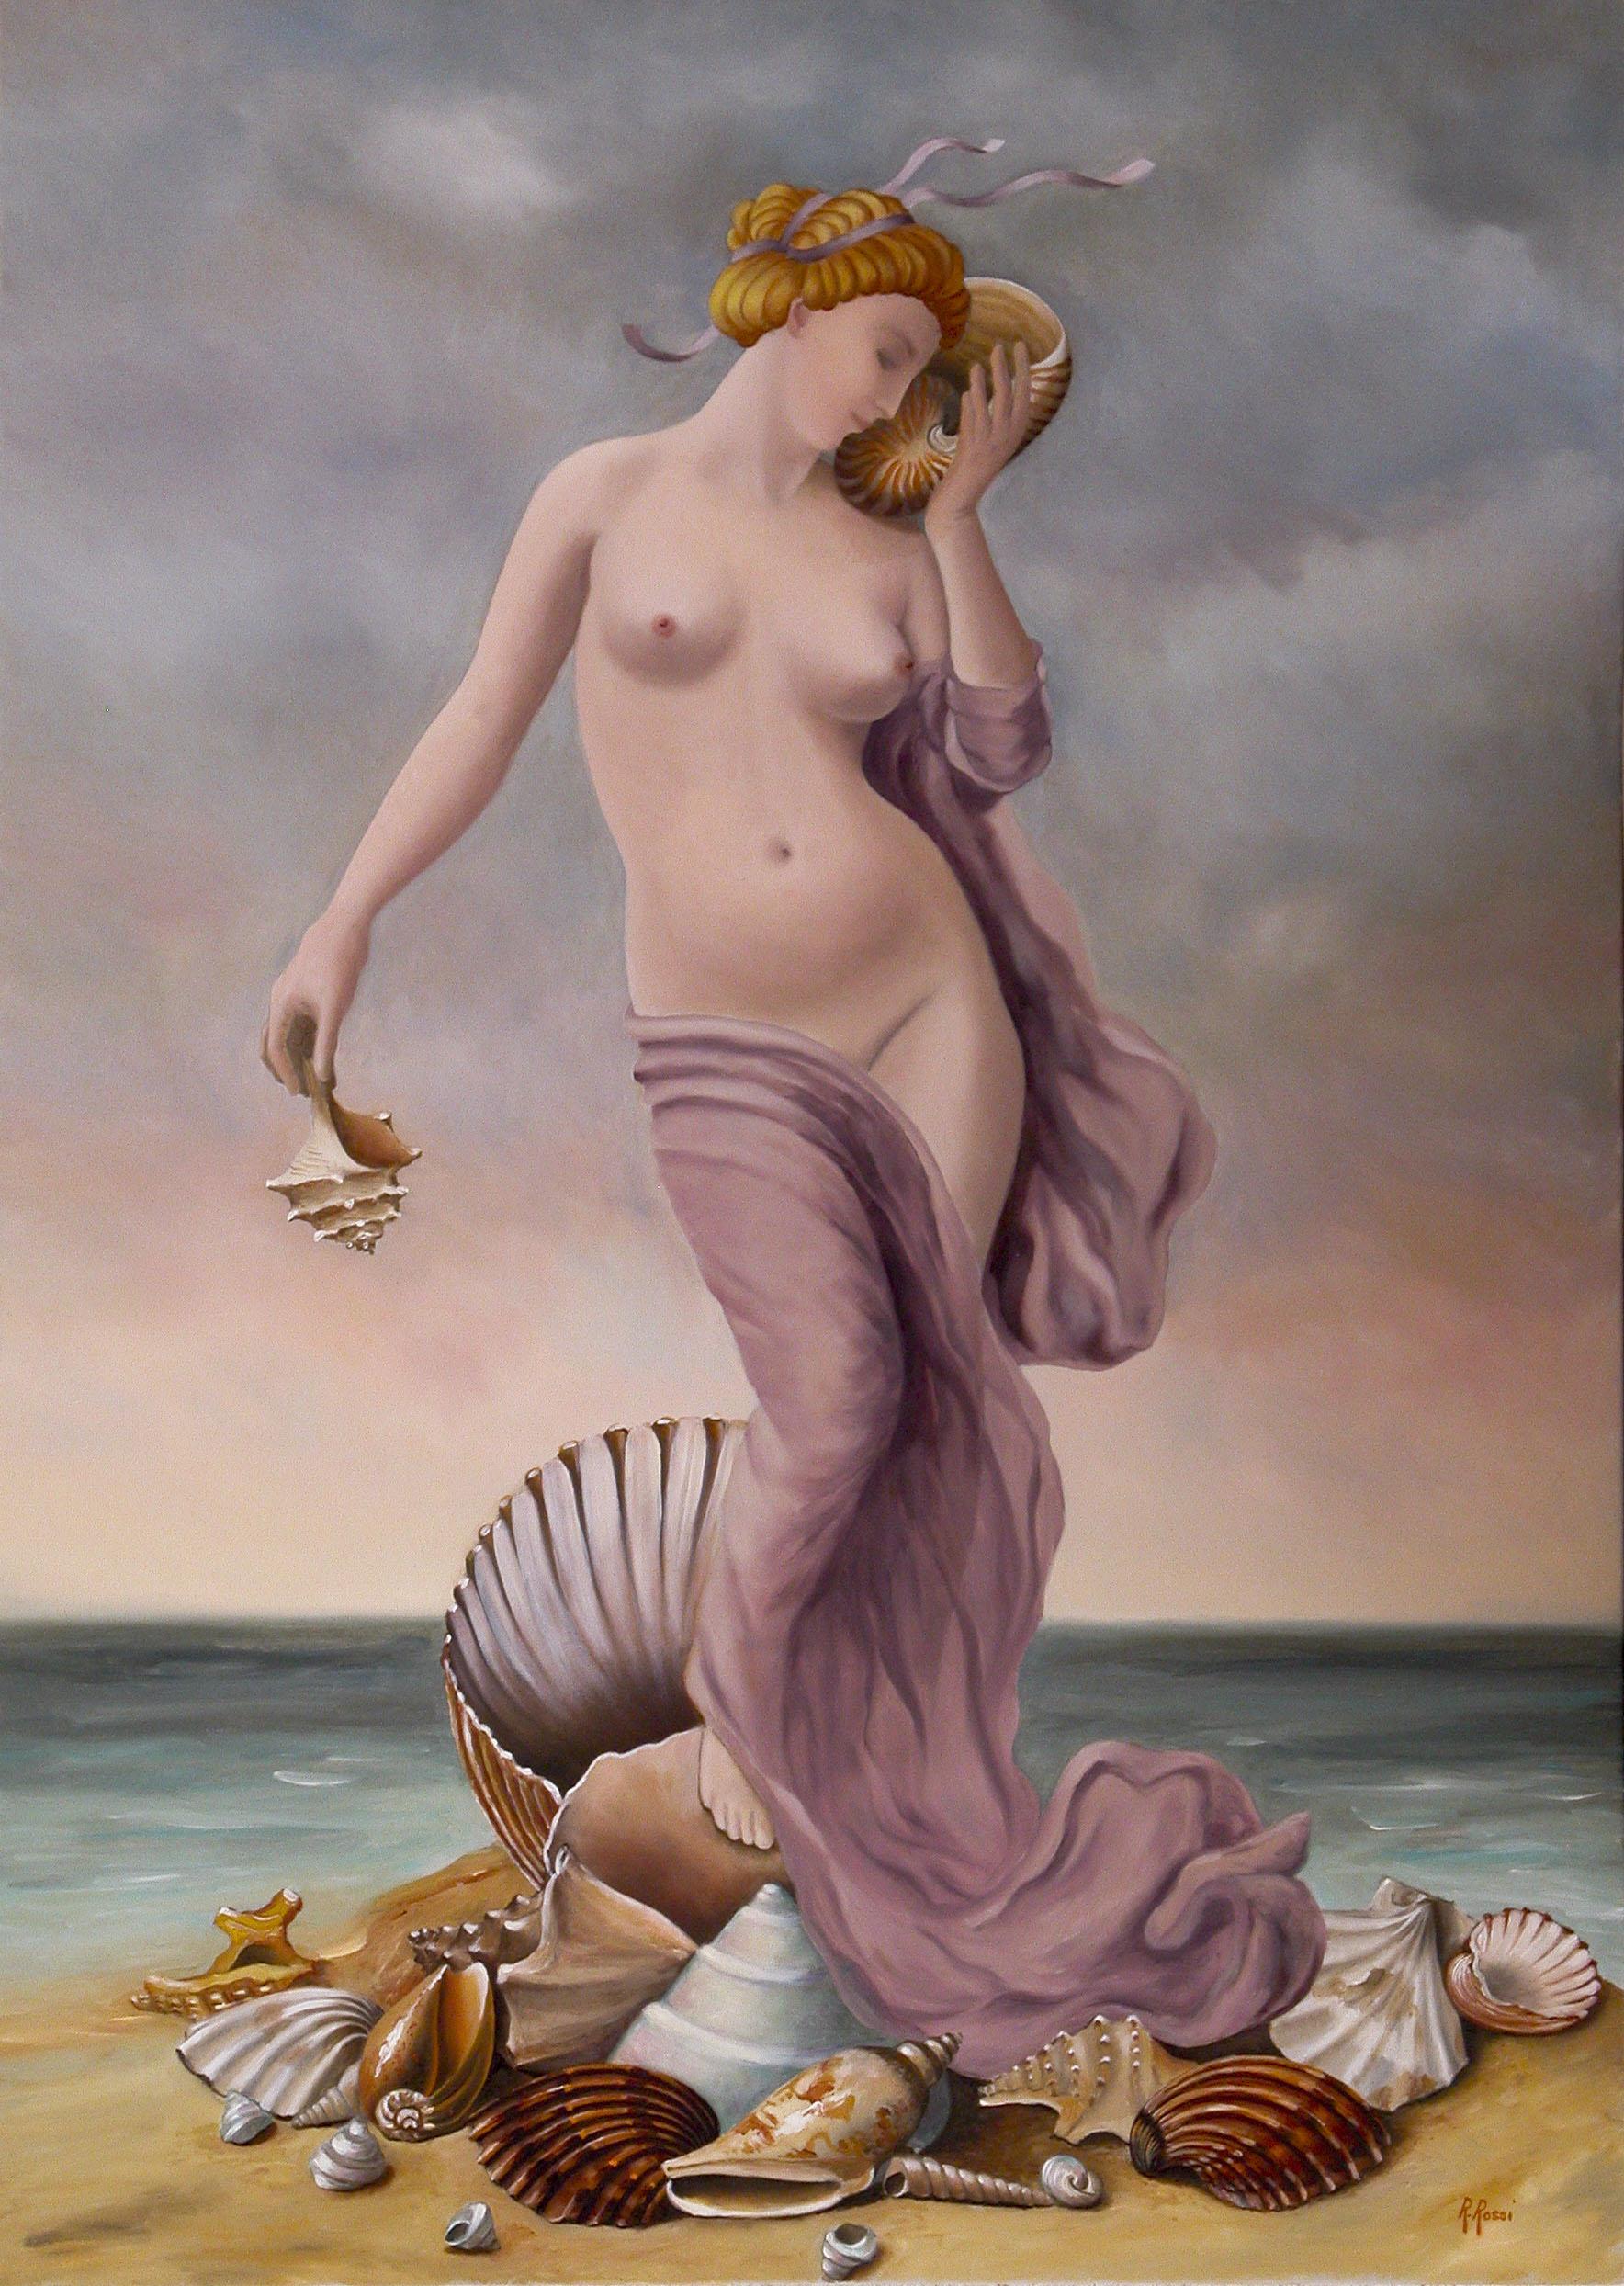 2008 roberta rossi - Le conchiglie di Afrodite - olio su tela - 70 x 50